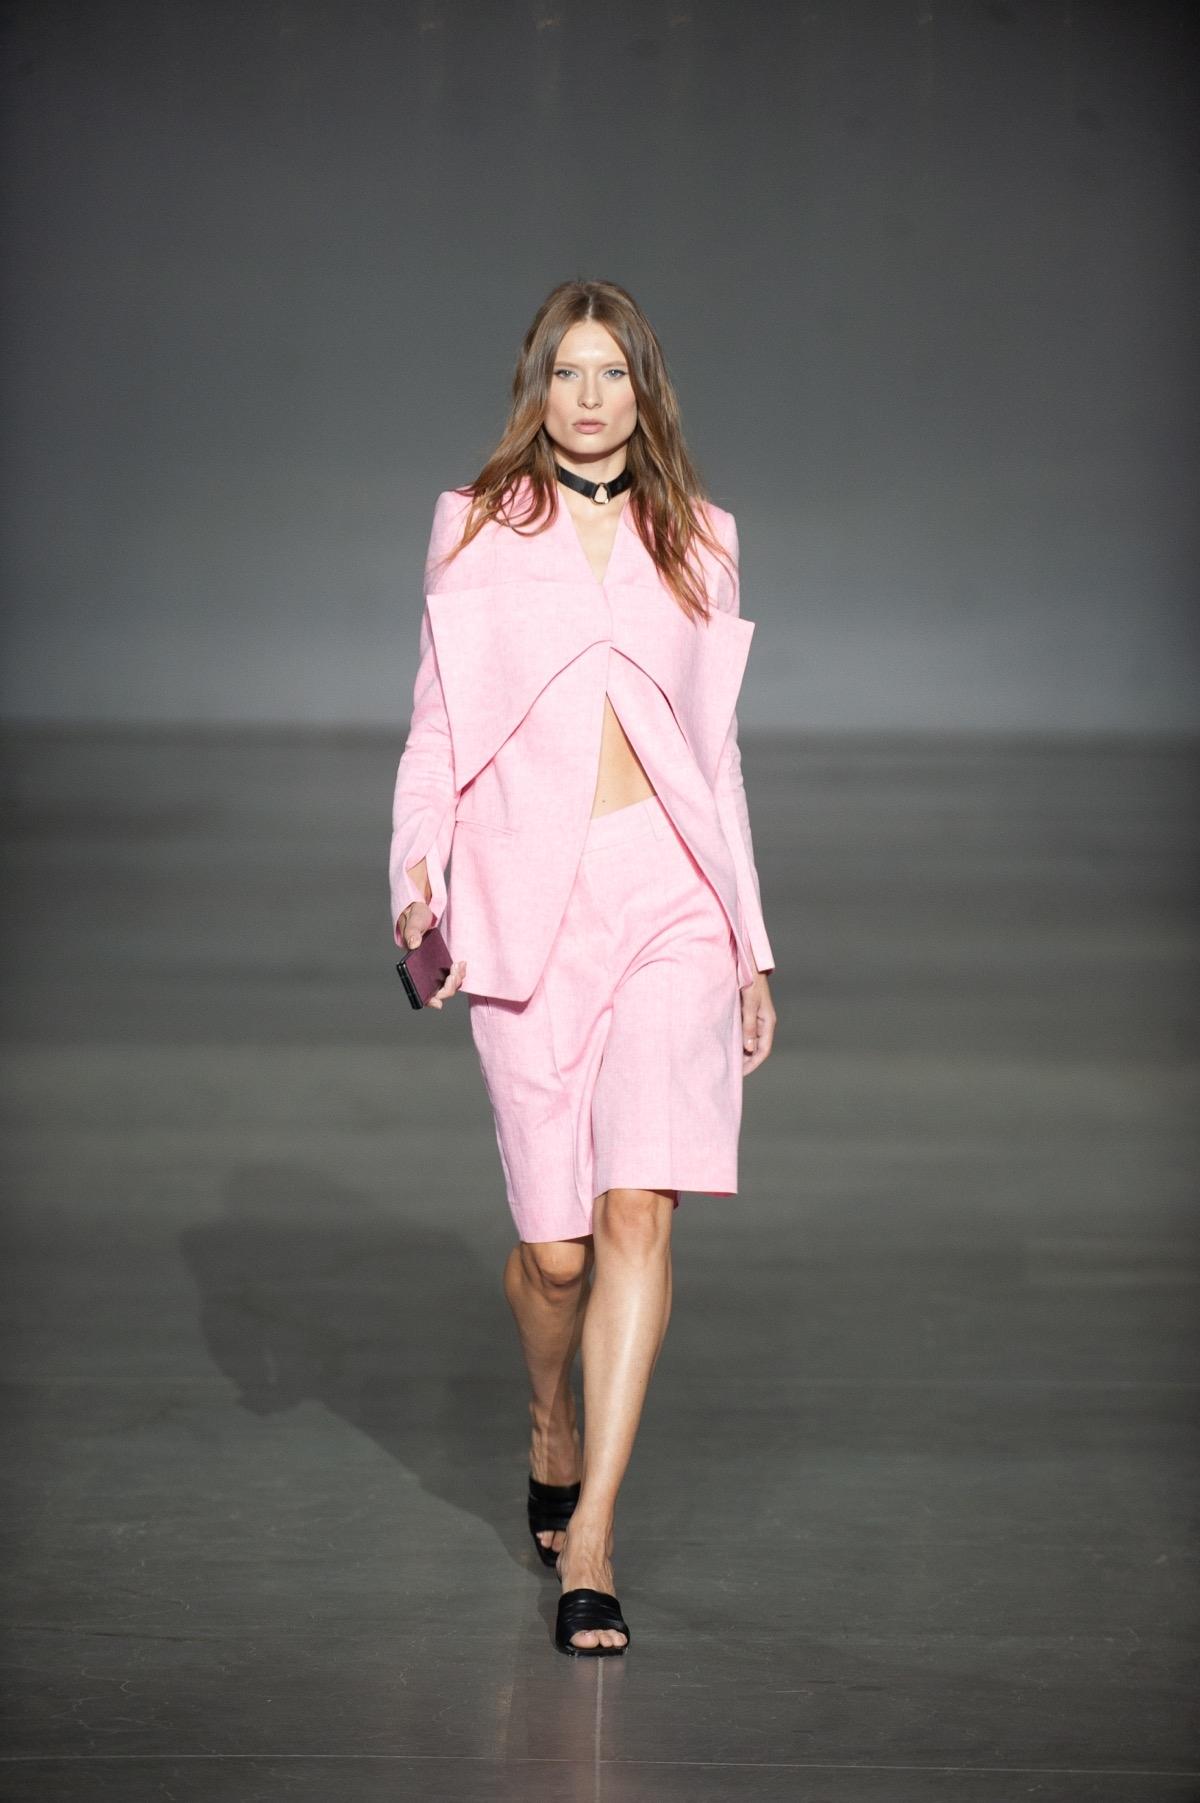 Яркие костюмы, элегантные платья и топы с вырезами в новой коллекции Elena BURENINA (ФОТО) - фото №6